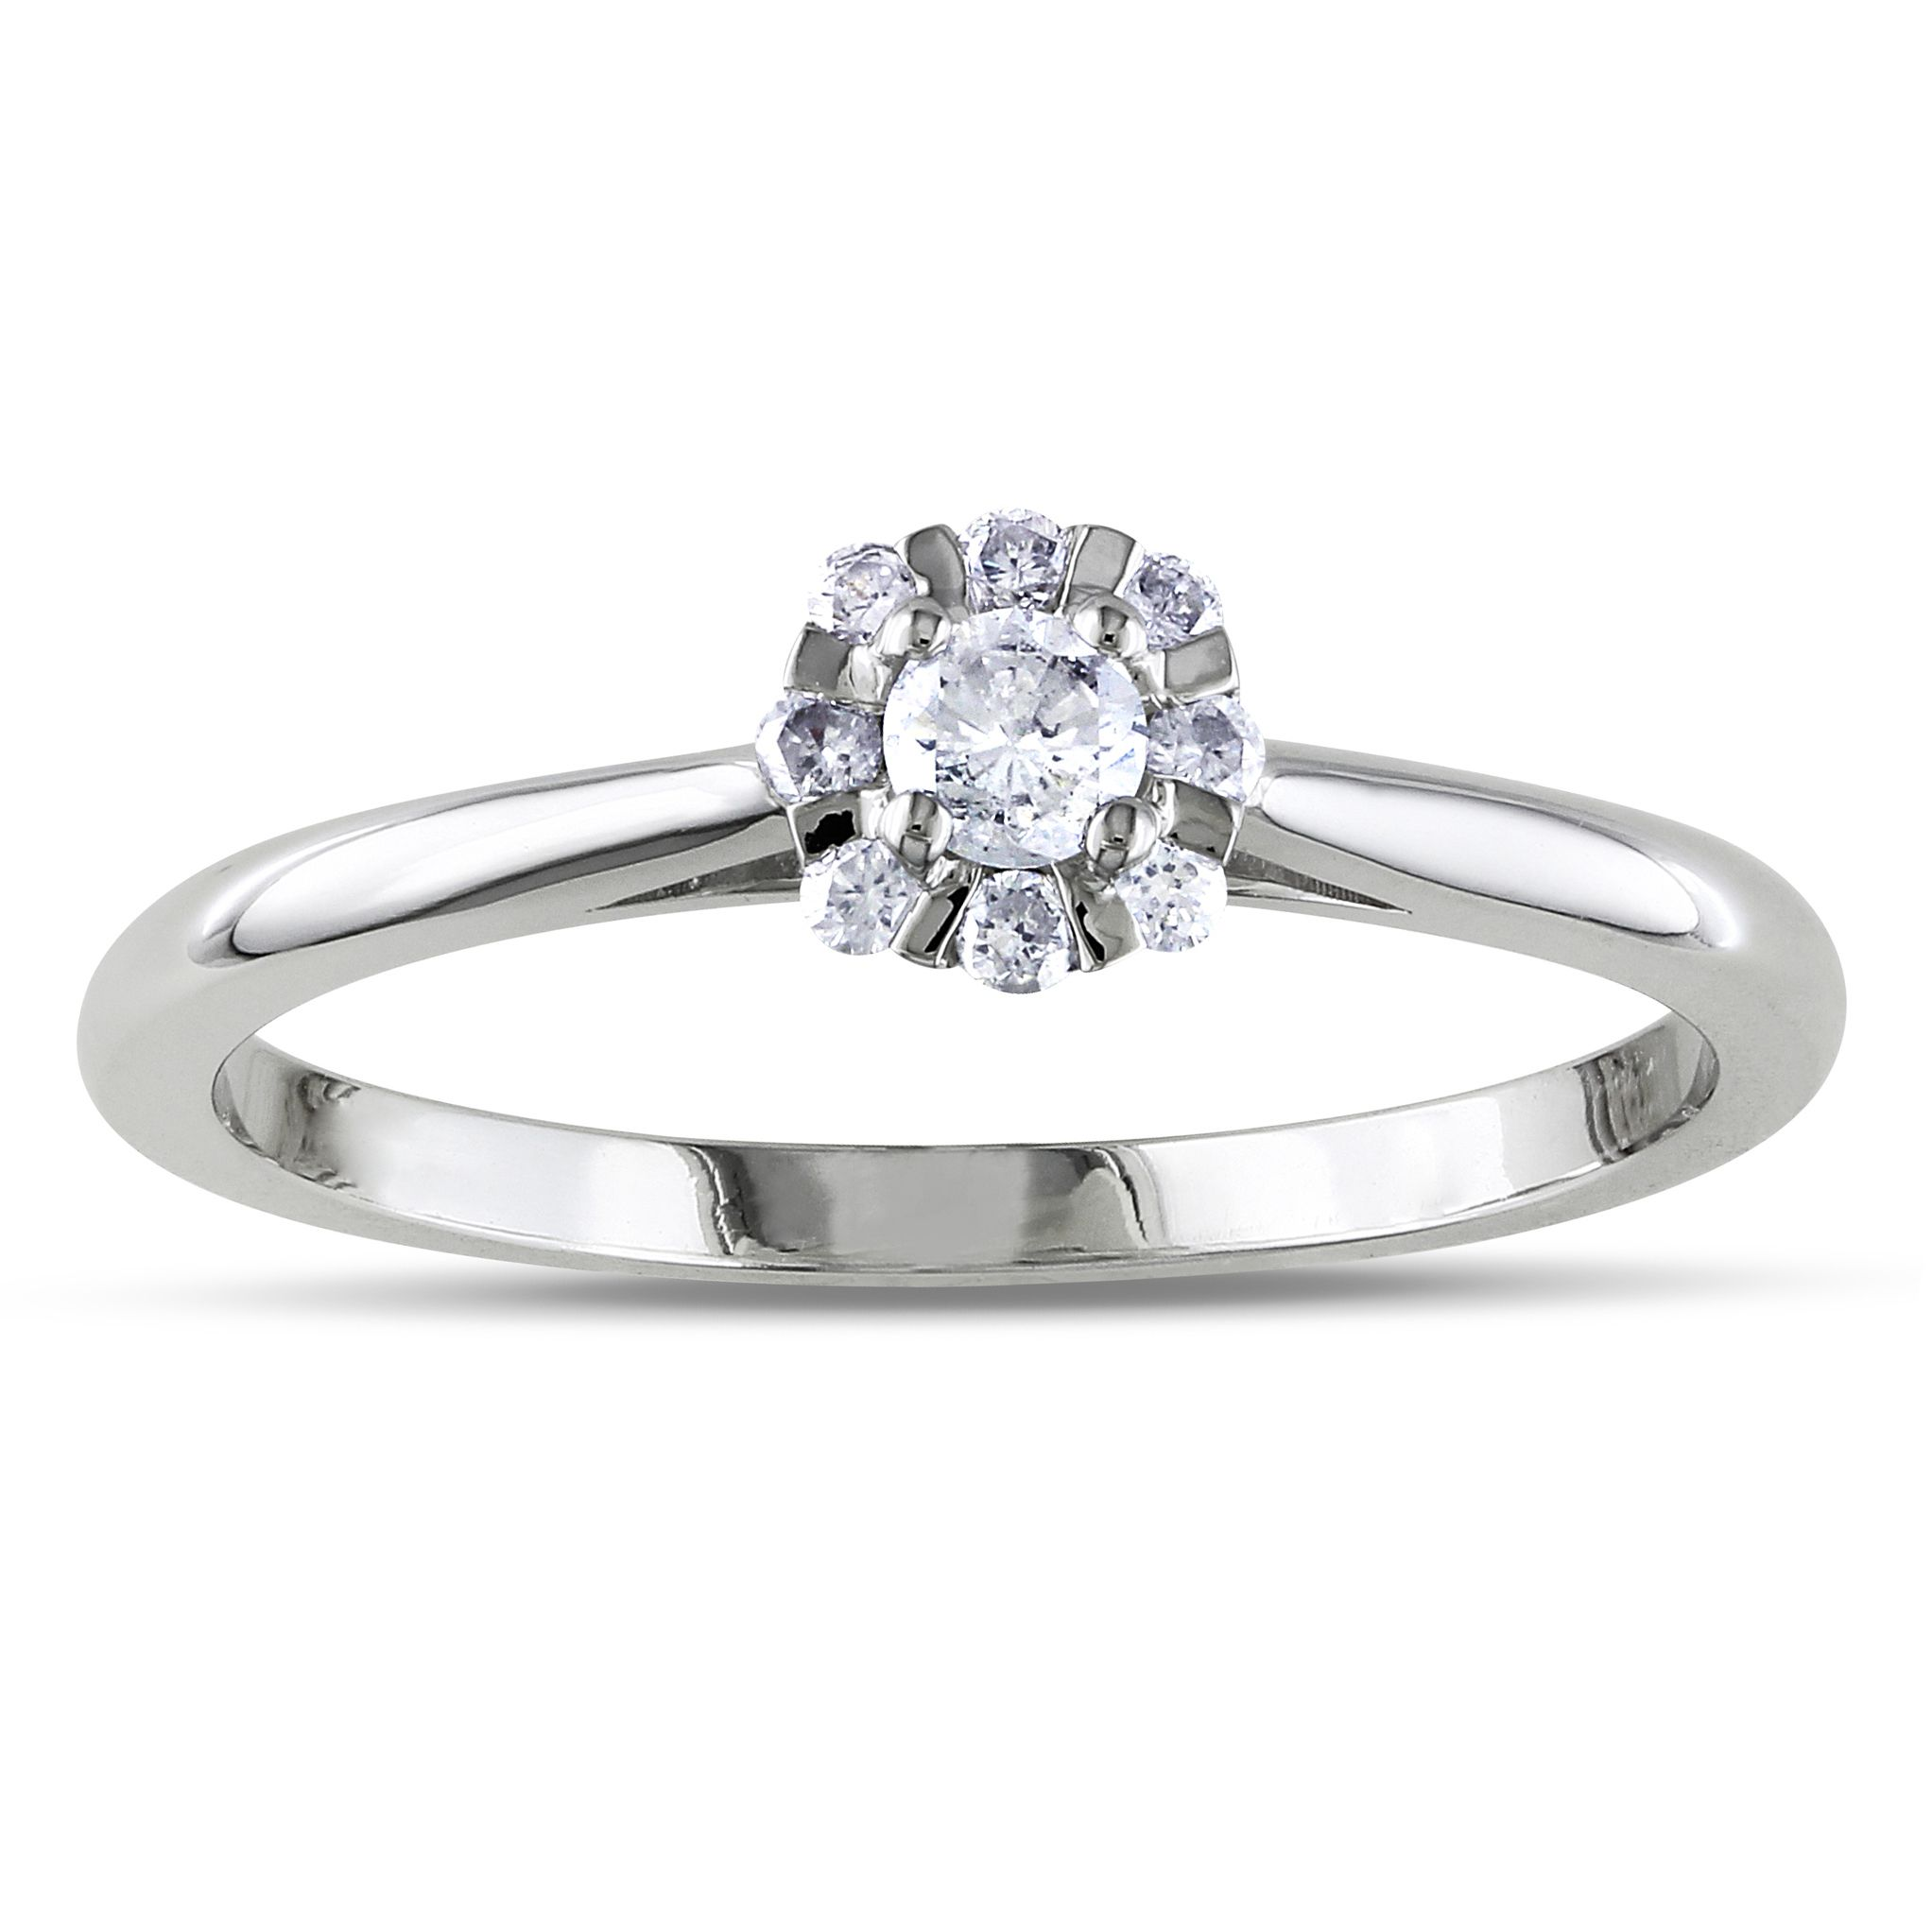 promise rings walmart | Promise ring walmart | Pinterest ...